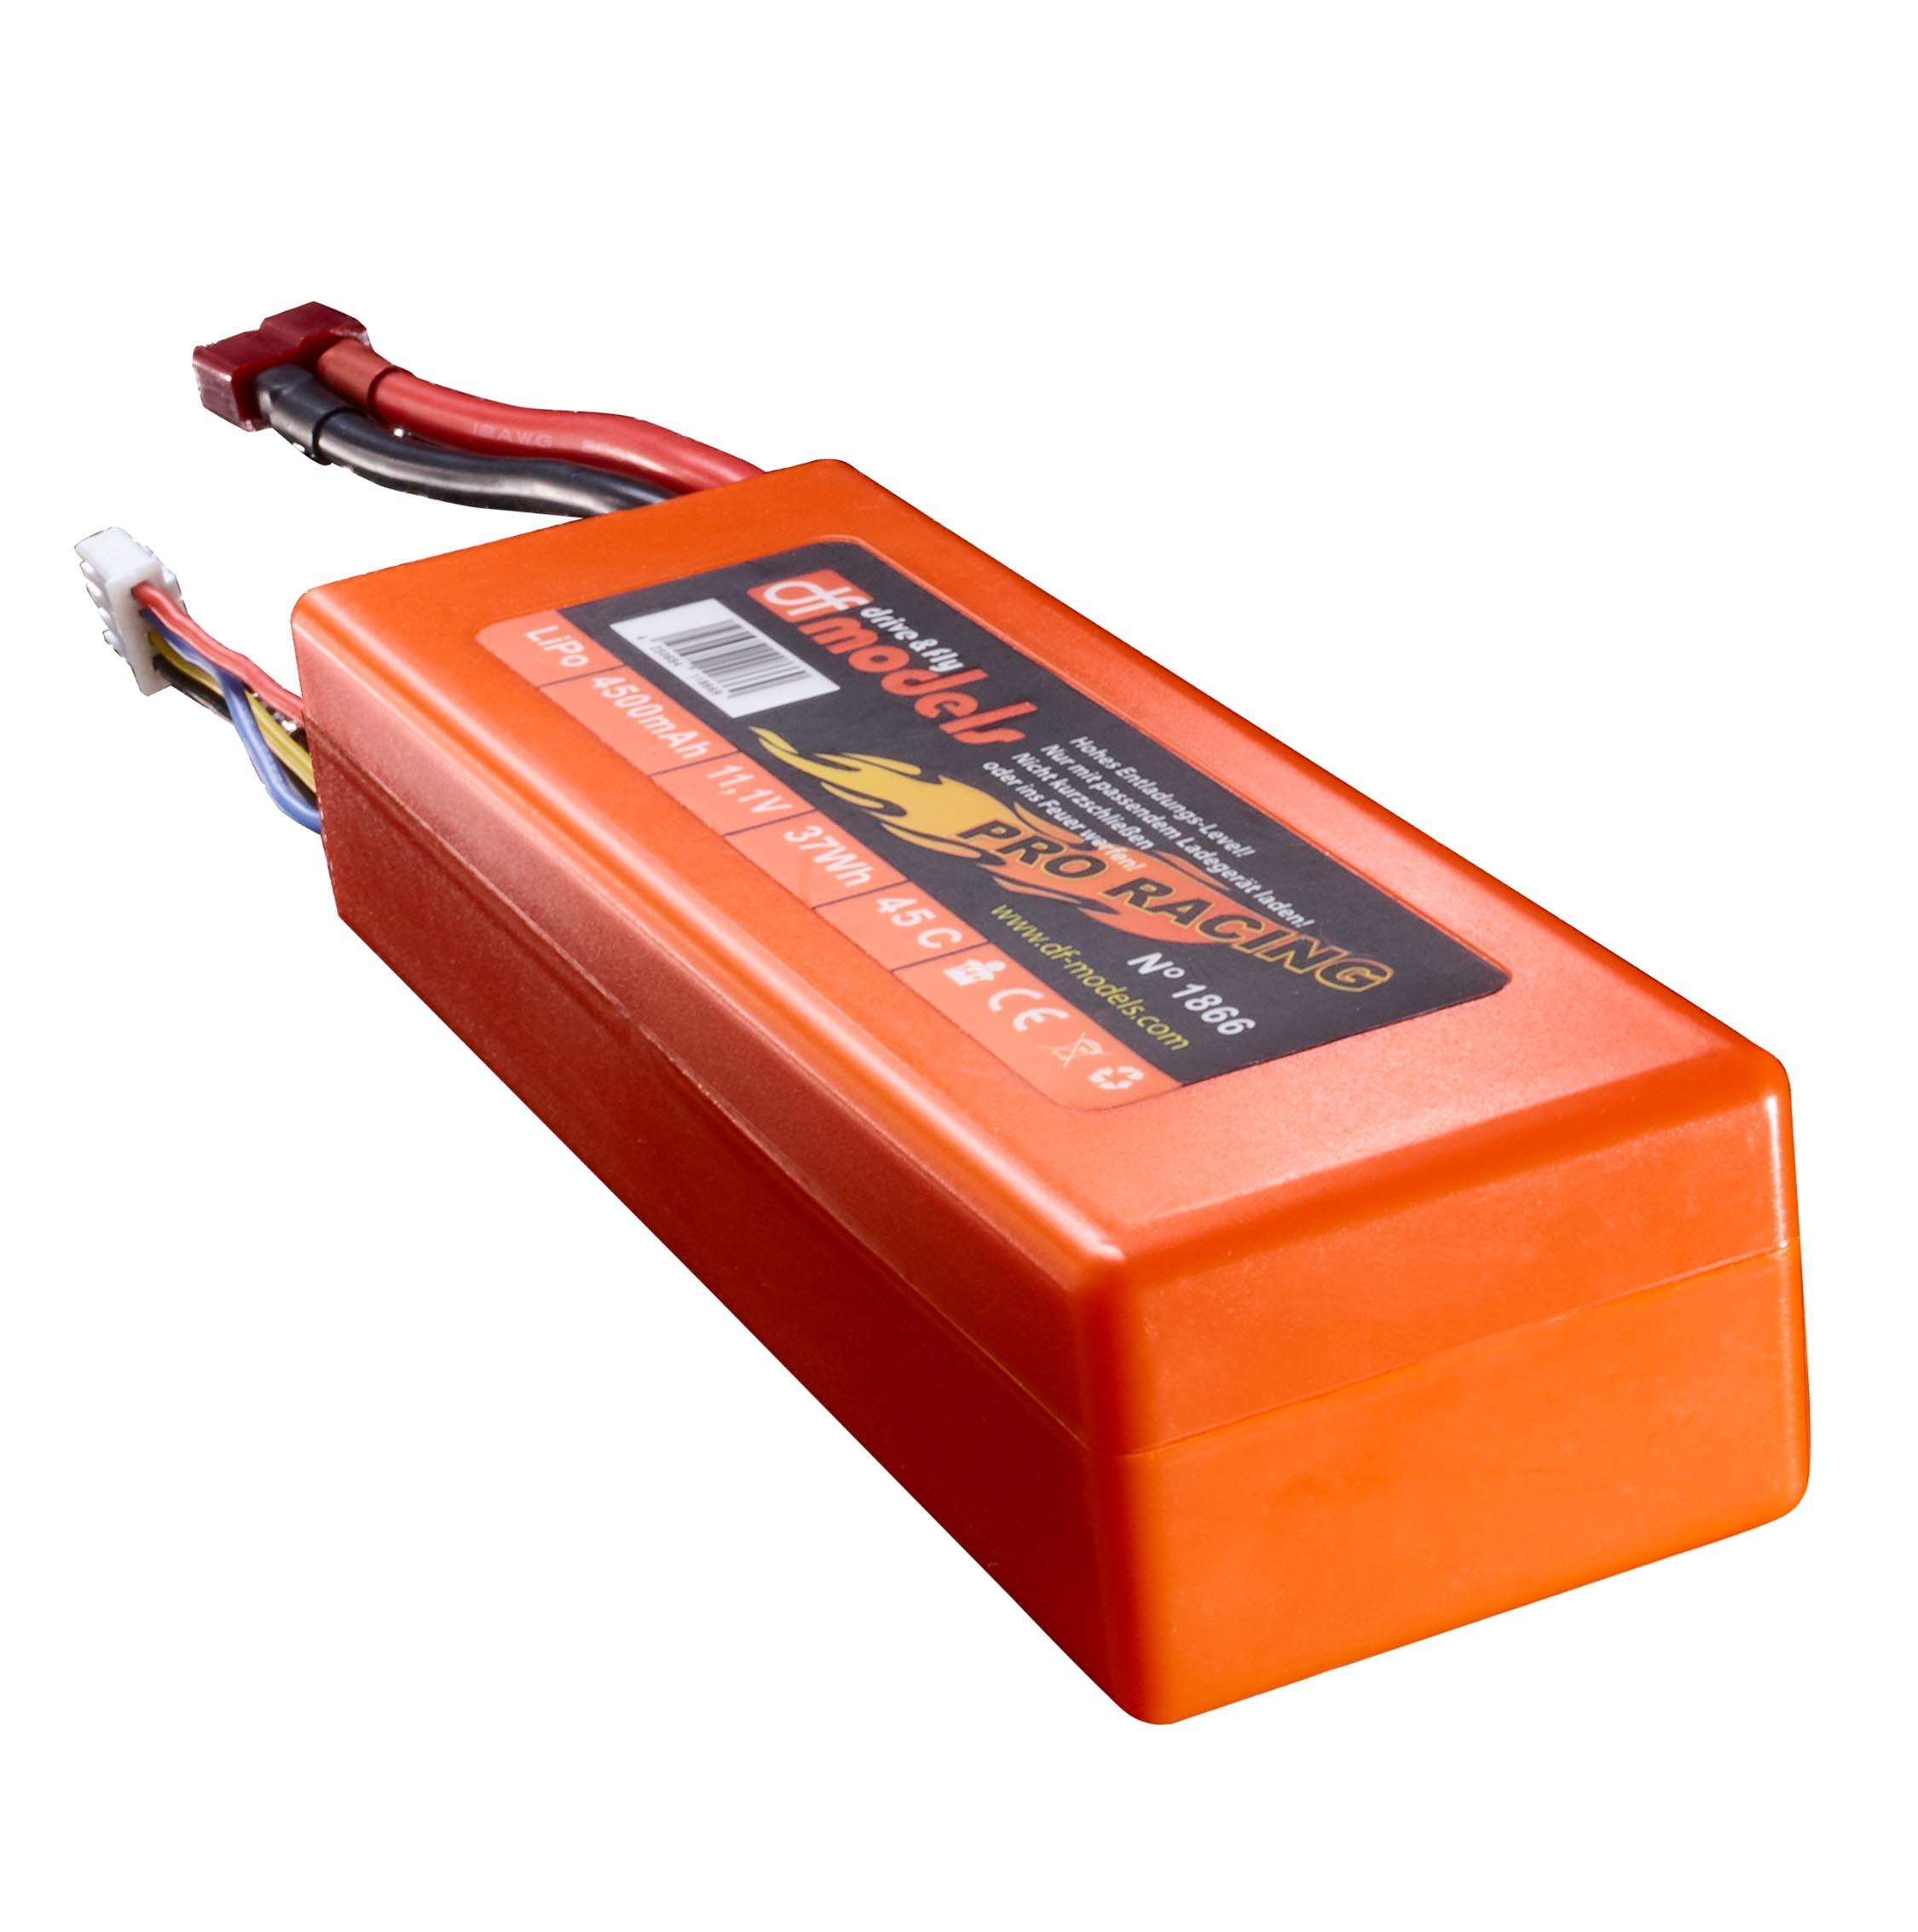 LiPo 3S 11,1 V / 4500 mAh - 45C ve velikost 2S! T-Dean